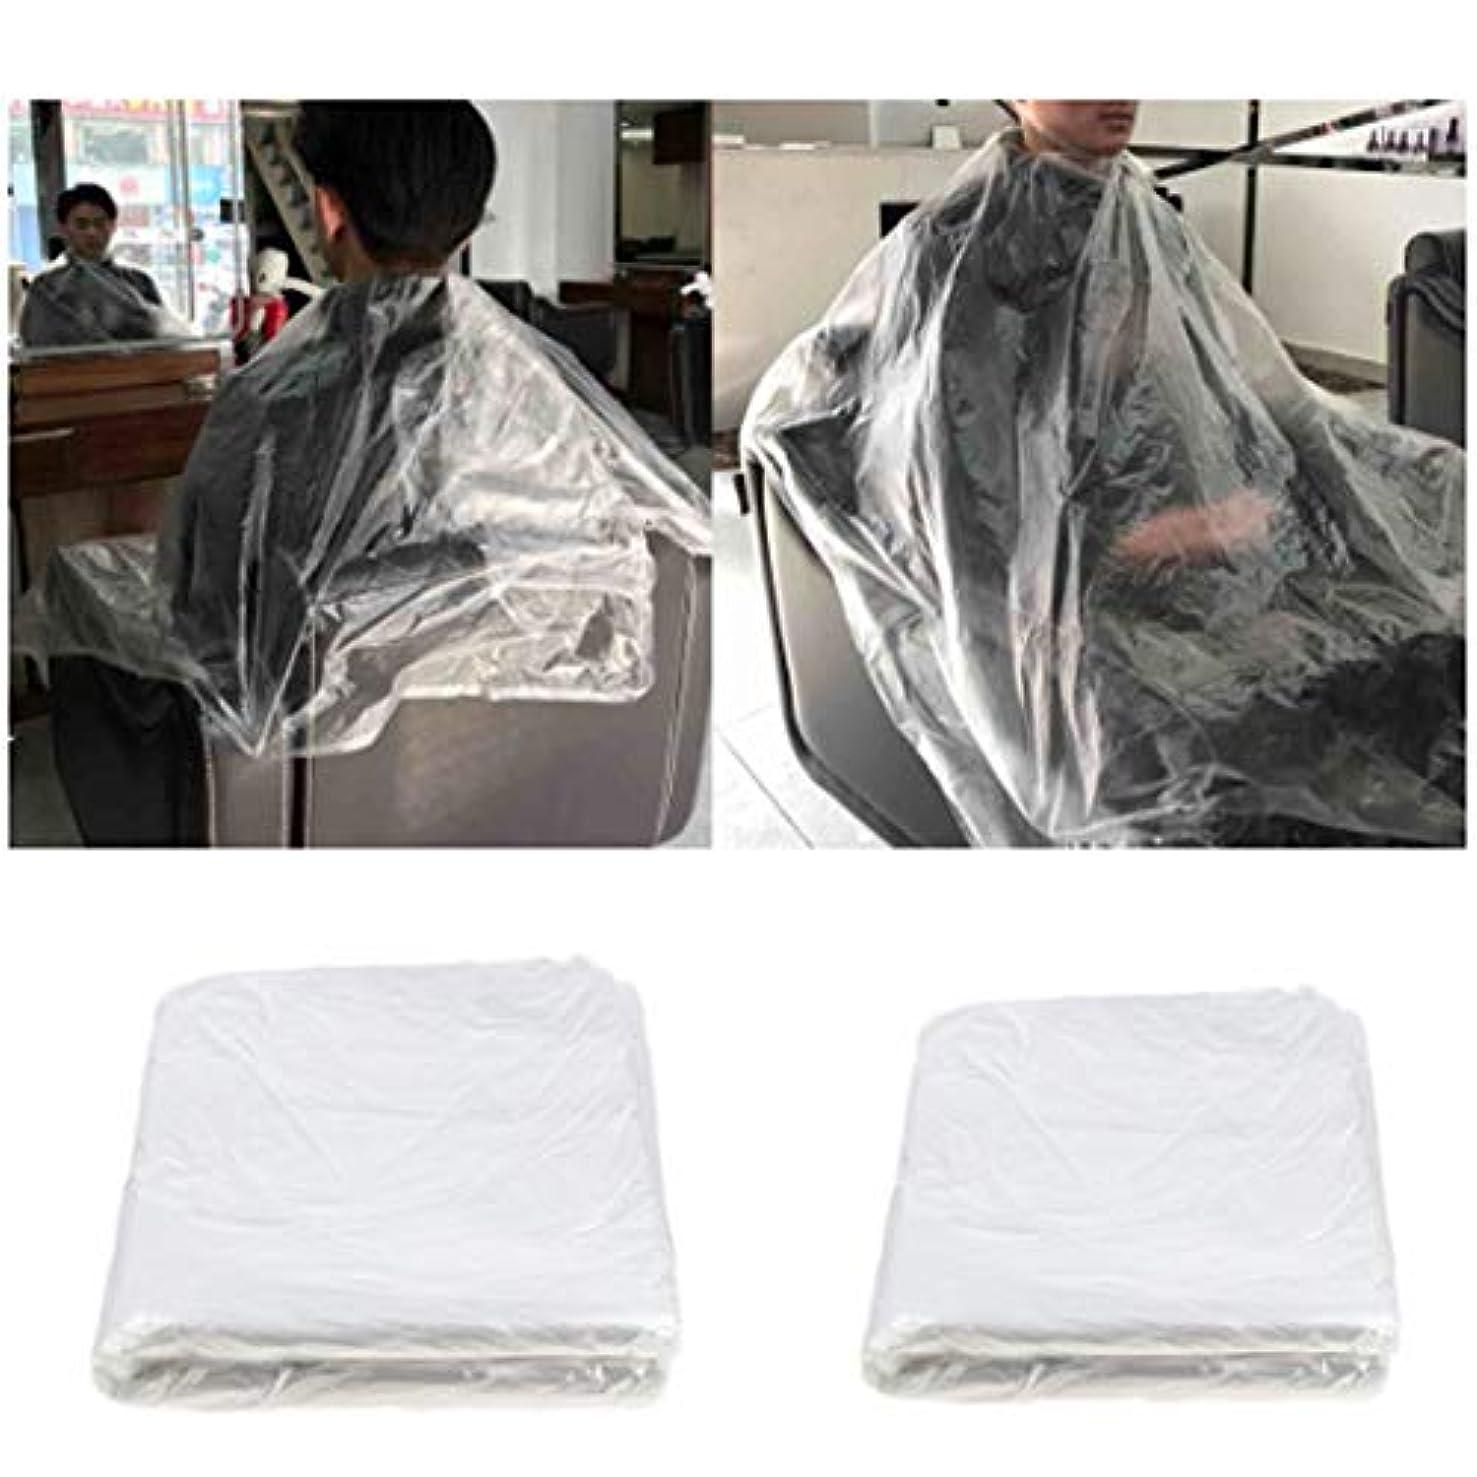 シニス変成器面白い150 x使い捨てケープヘアサロンショールプラスチック防水ヘアトリミングツール110 x 150 cm理髪店または家庭用